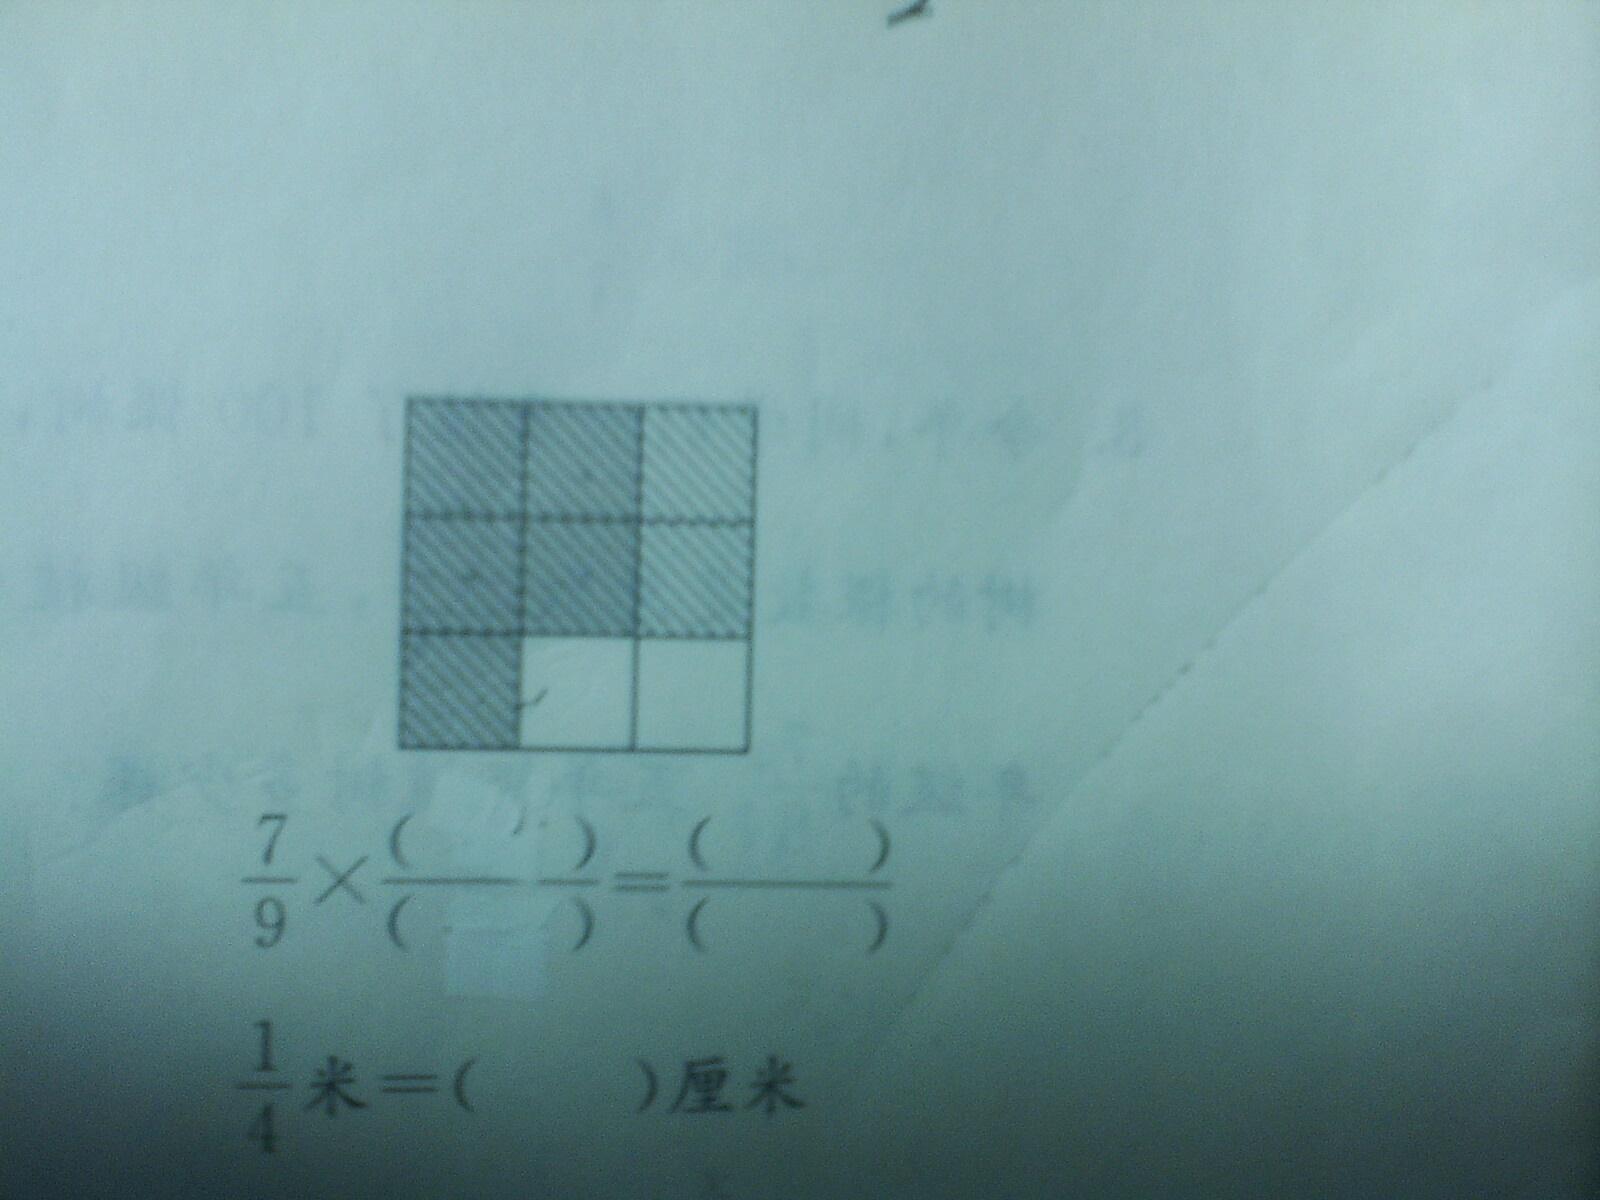 看图写算式,并计算图片